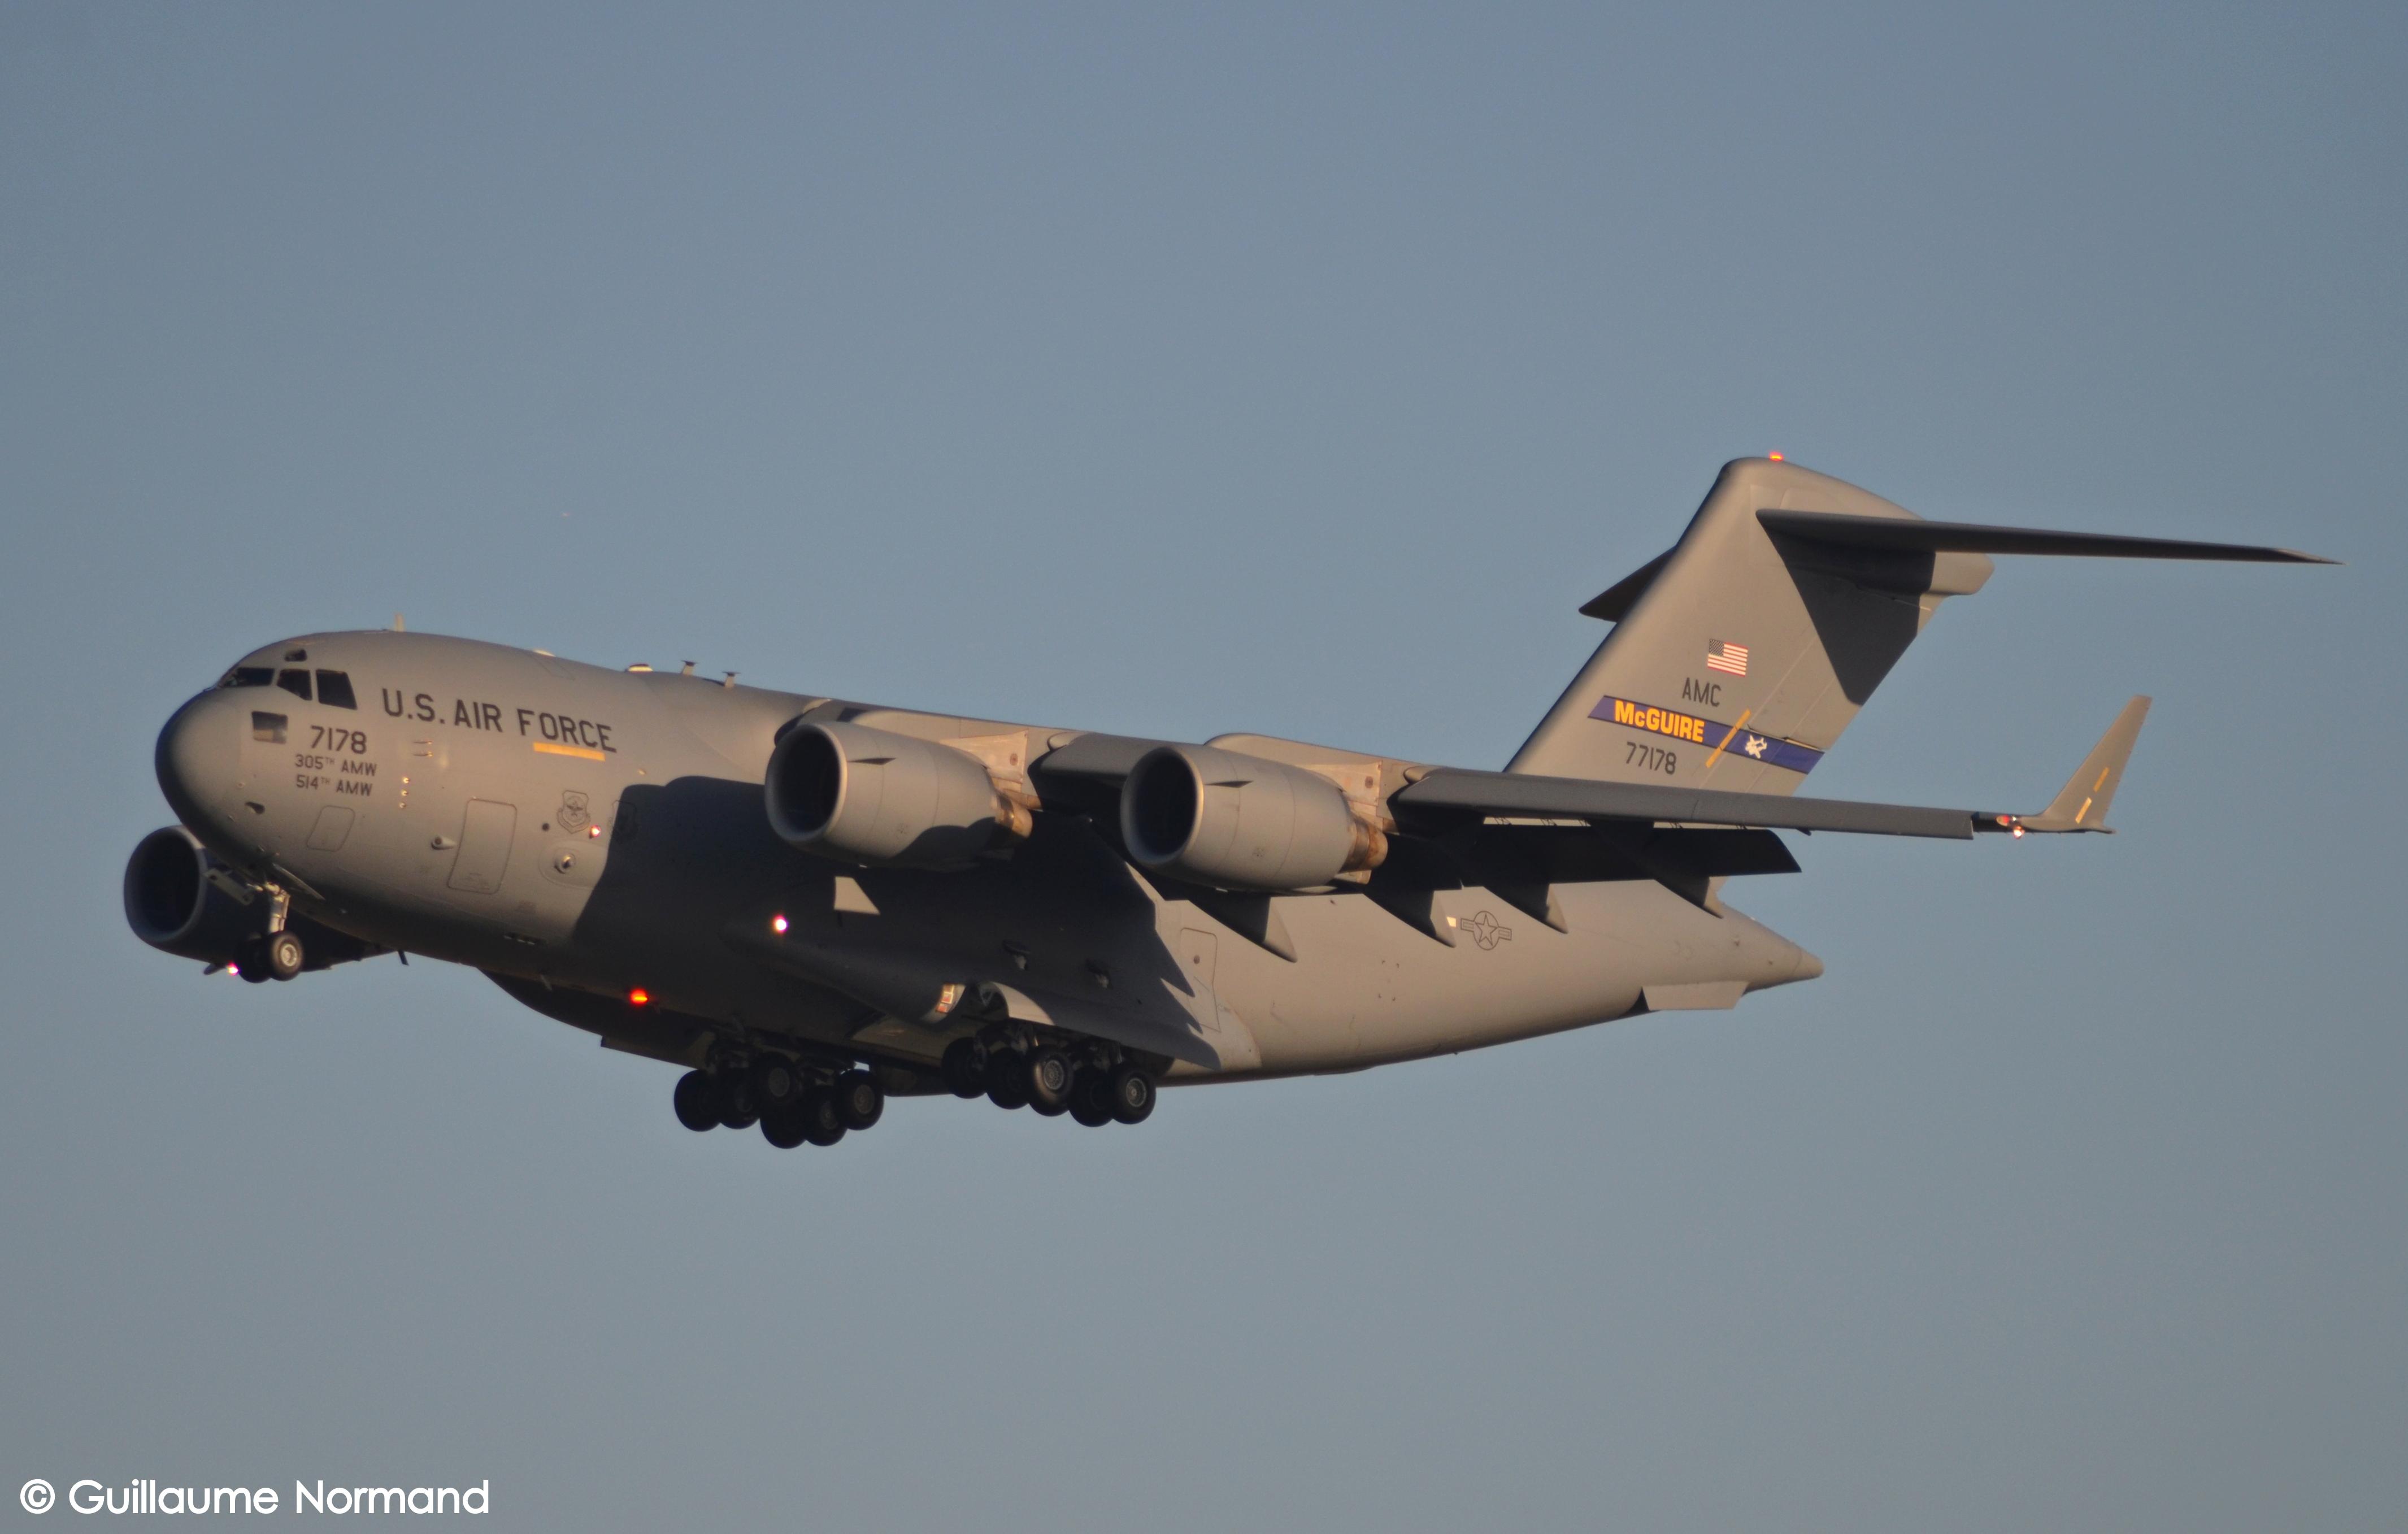 File:Boeing C17 US Air Force 07-7178 (23107363310).jpg